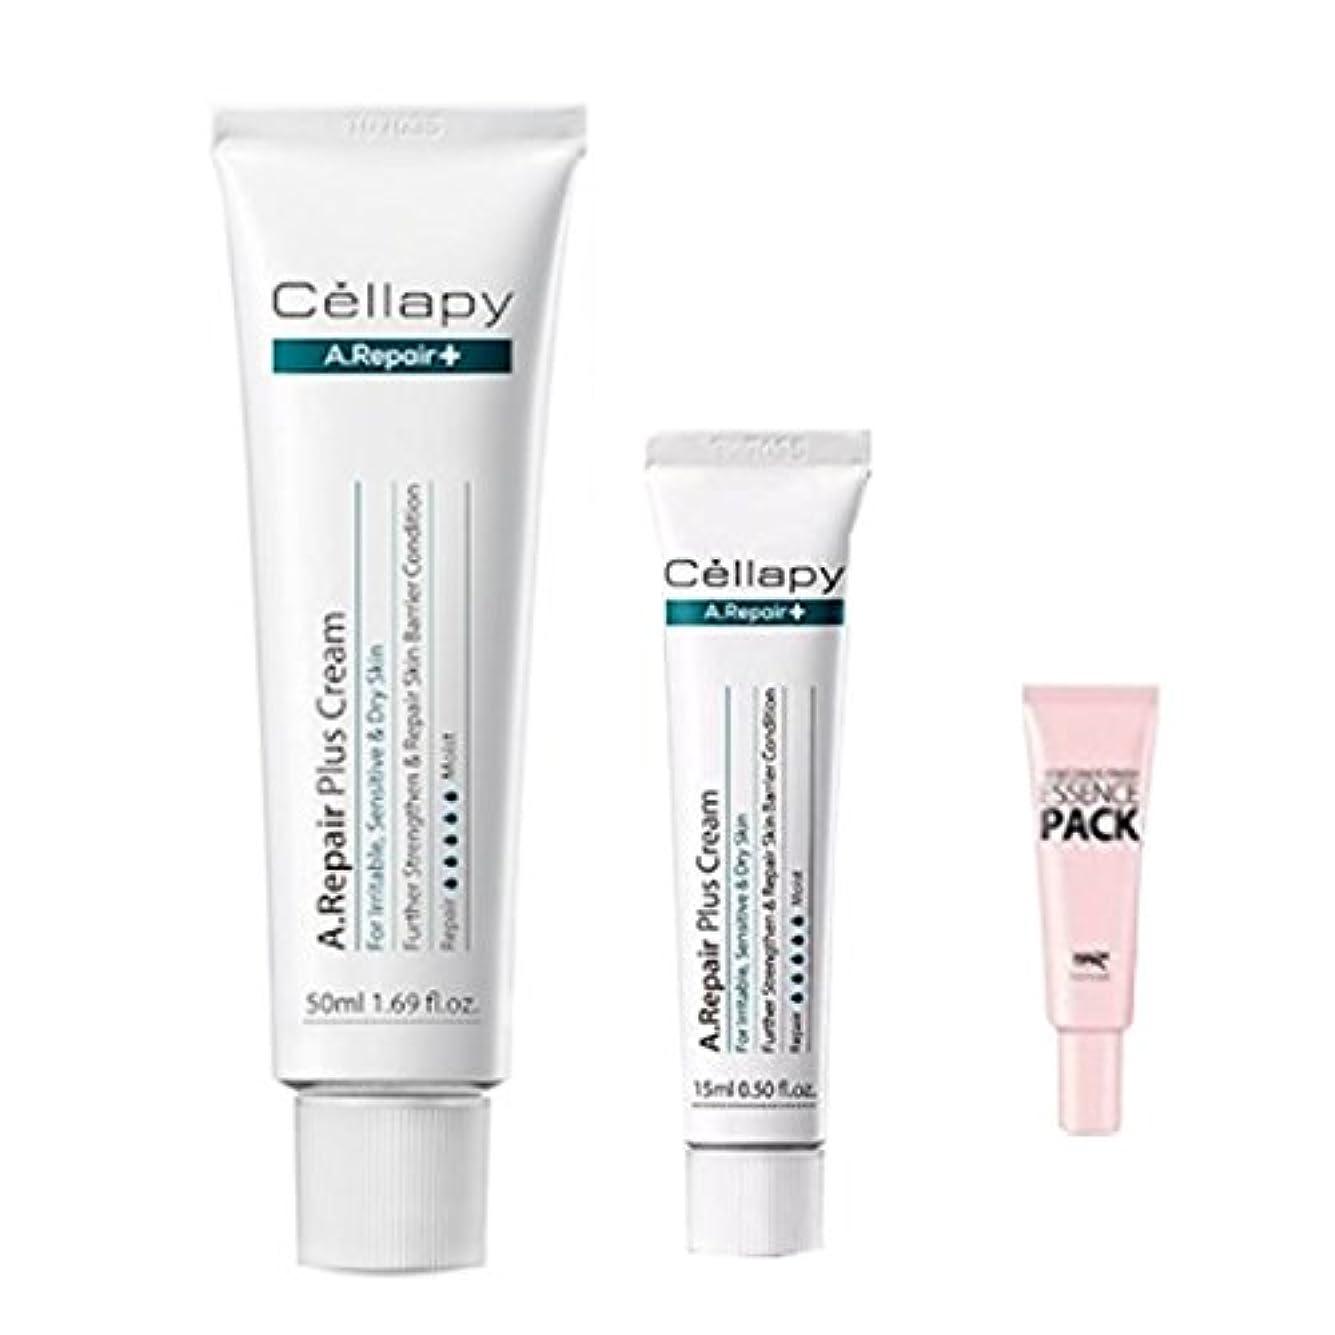 チューリップ救急車小間セラピ エイリペアプラスクリーム50ml+15ml [並行輸入品]/Cellapy A.Repair Plus Cream for Irritable, Sensitive & Dry Skin 50ml(1.69fl.oz...